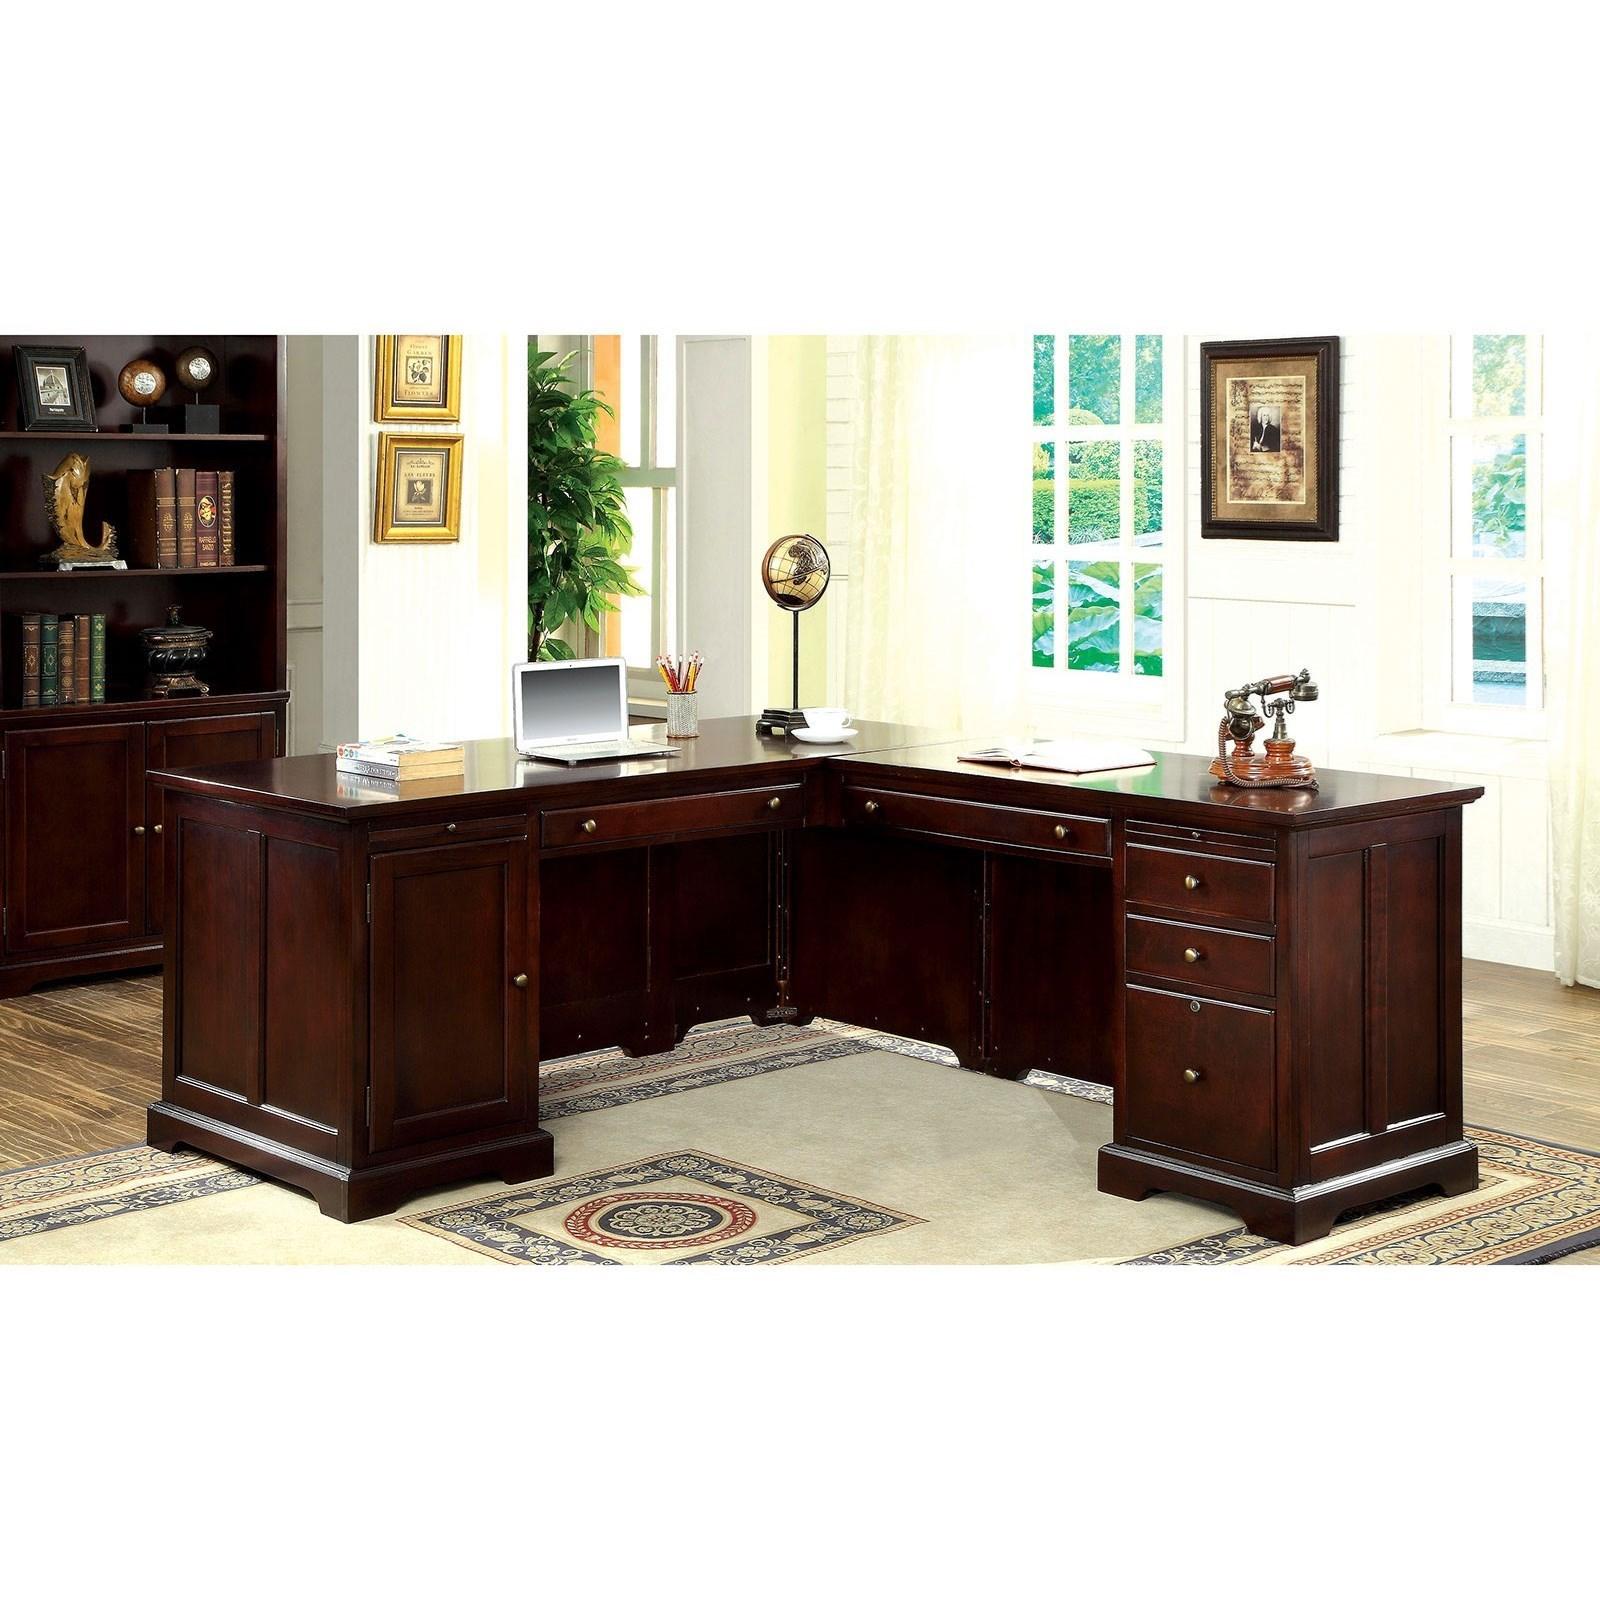 America Desmont CM-DK6207CR-SET Transitional Corner Office